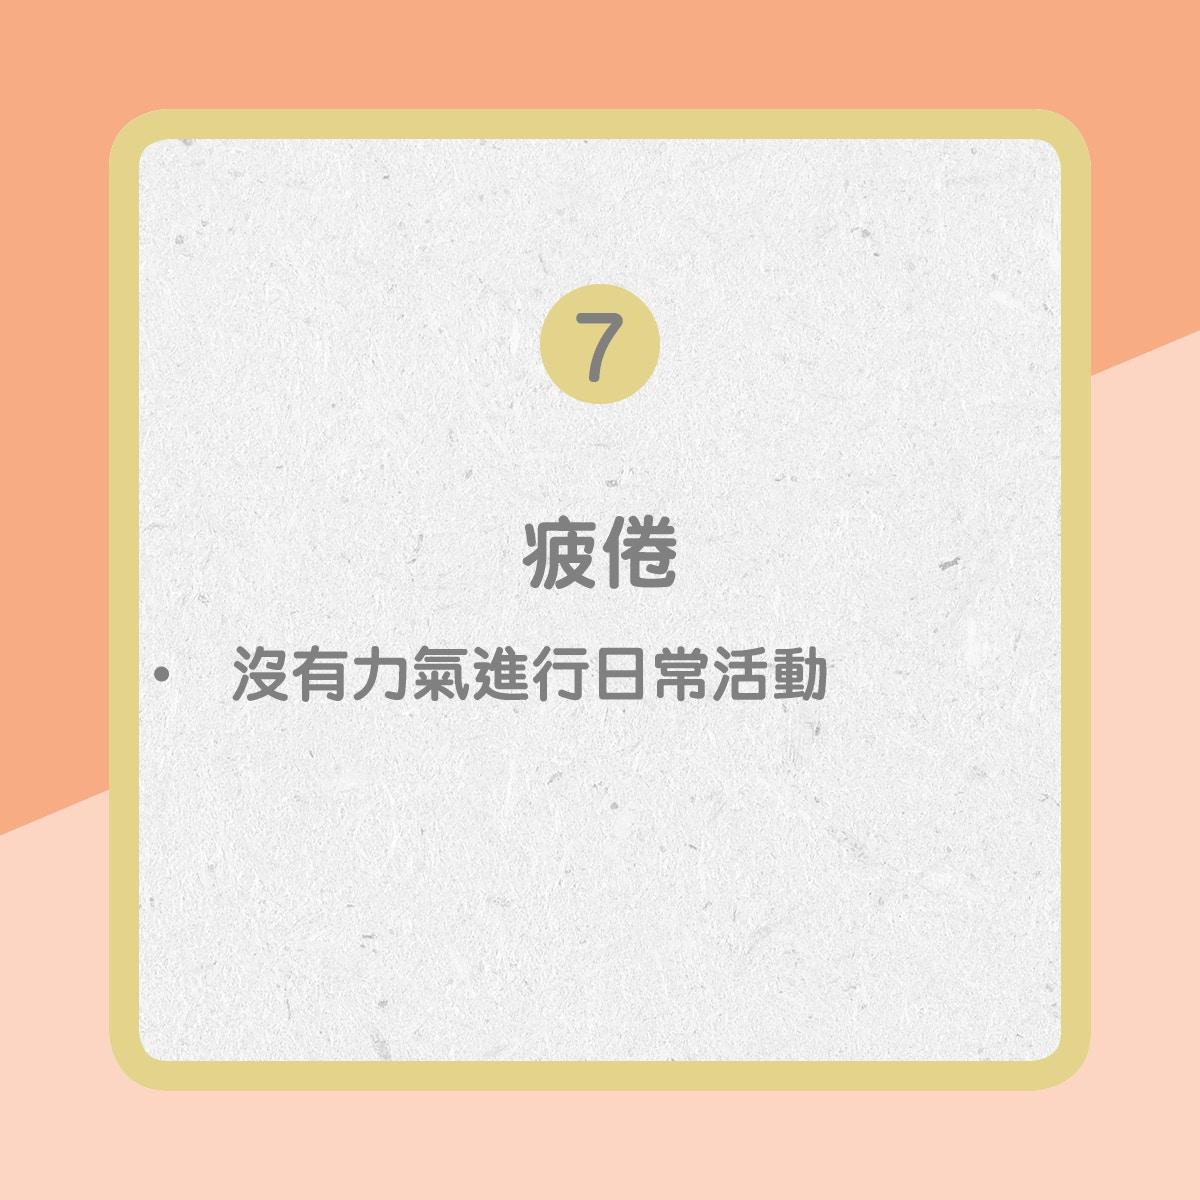 【心臟衰竭病徵】7. 疲倦(01製圖)